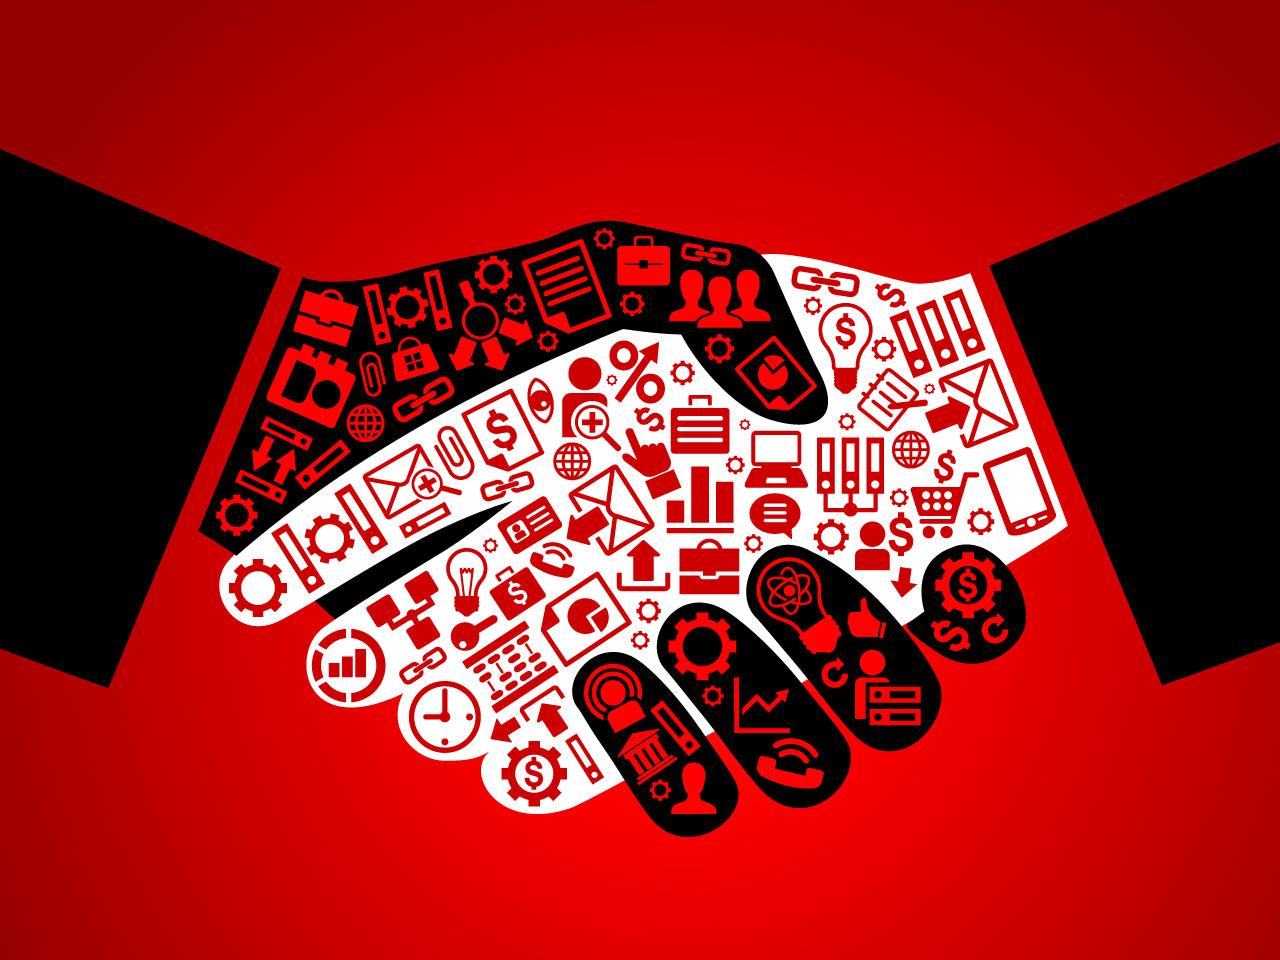 5 сервисов, которые дают возможность бесплатно обмениваться информацией1